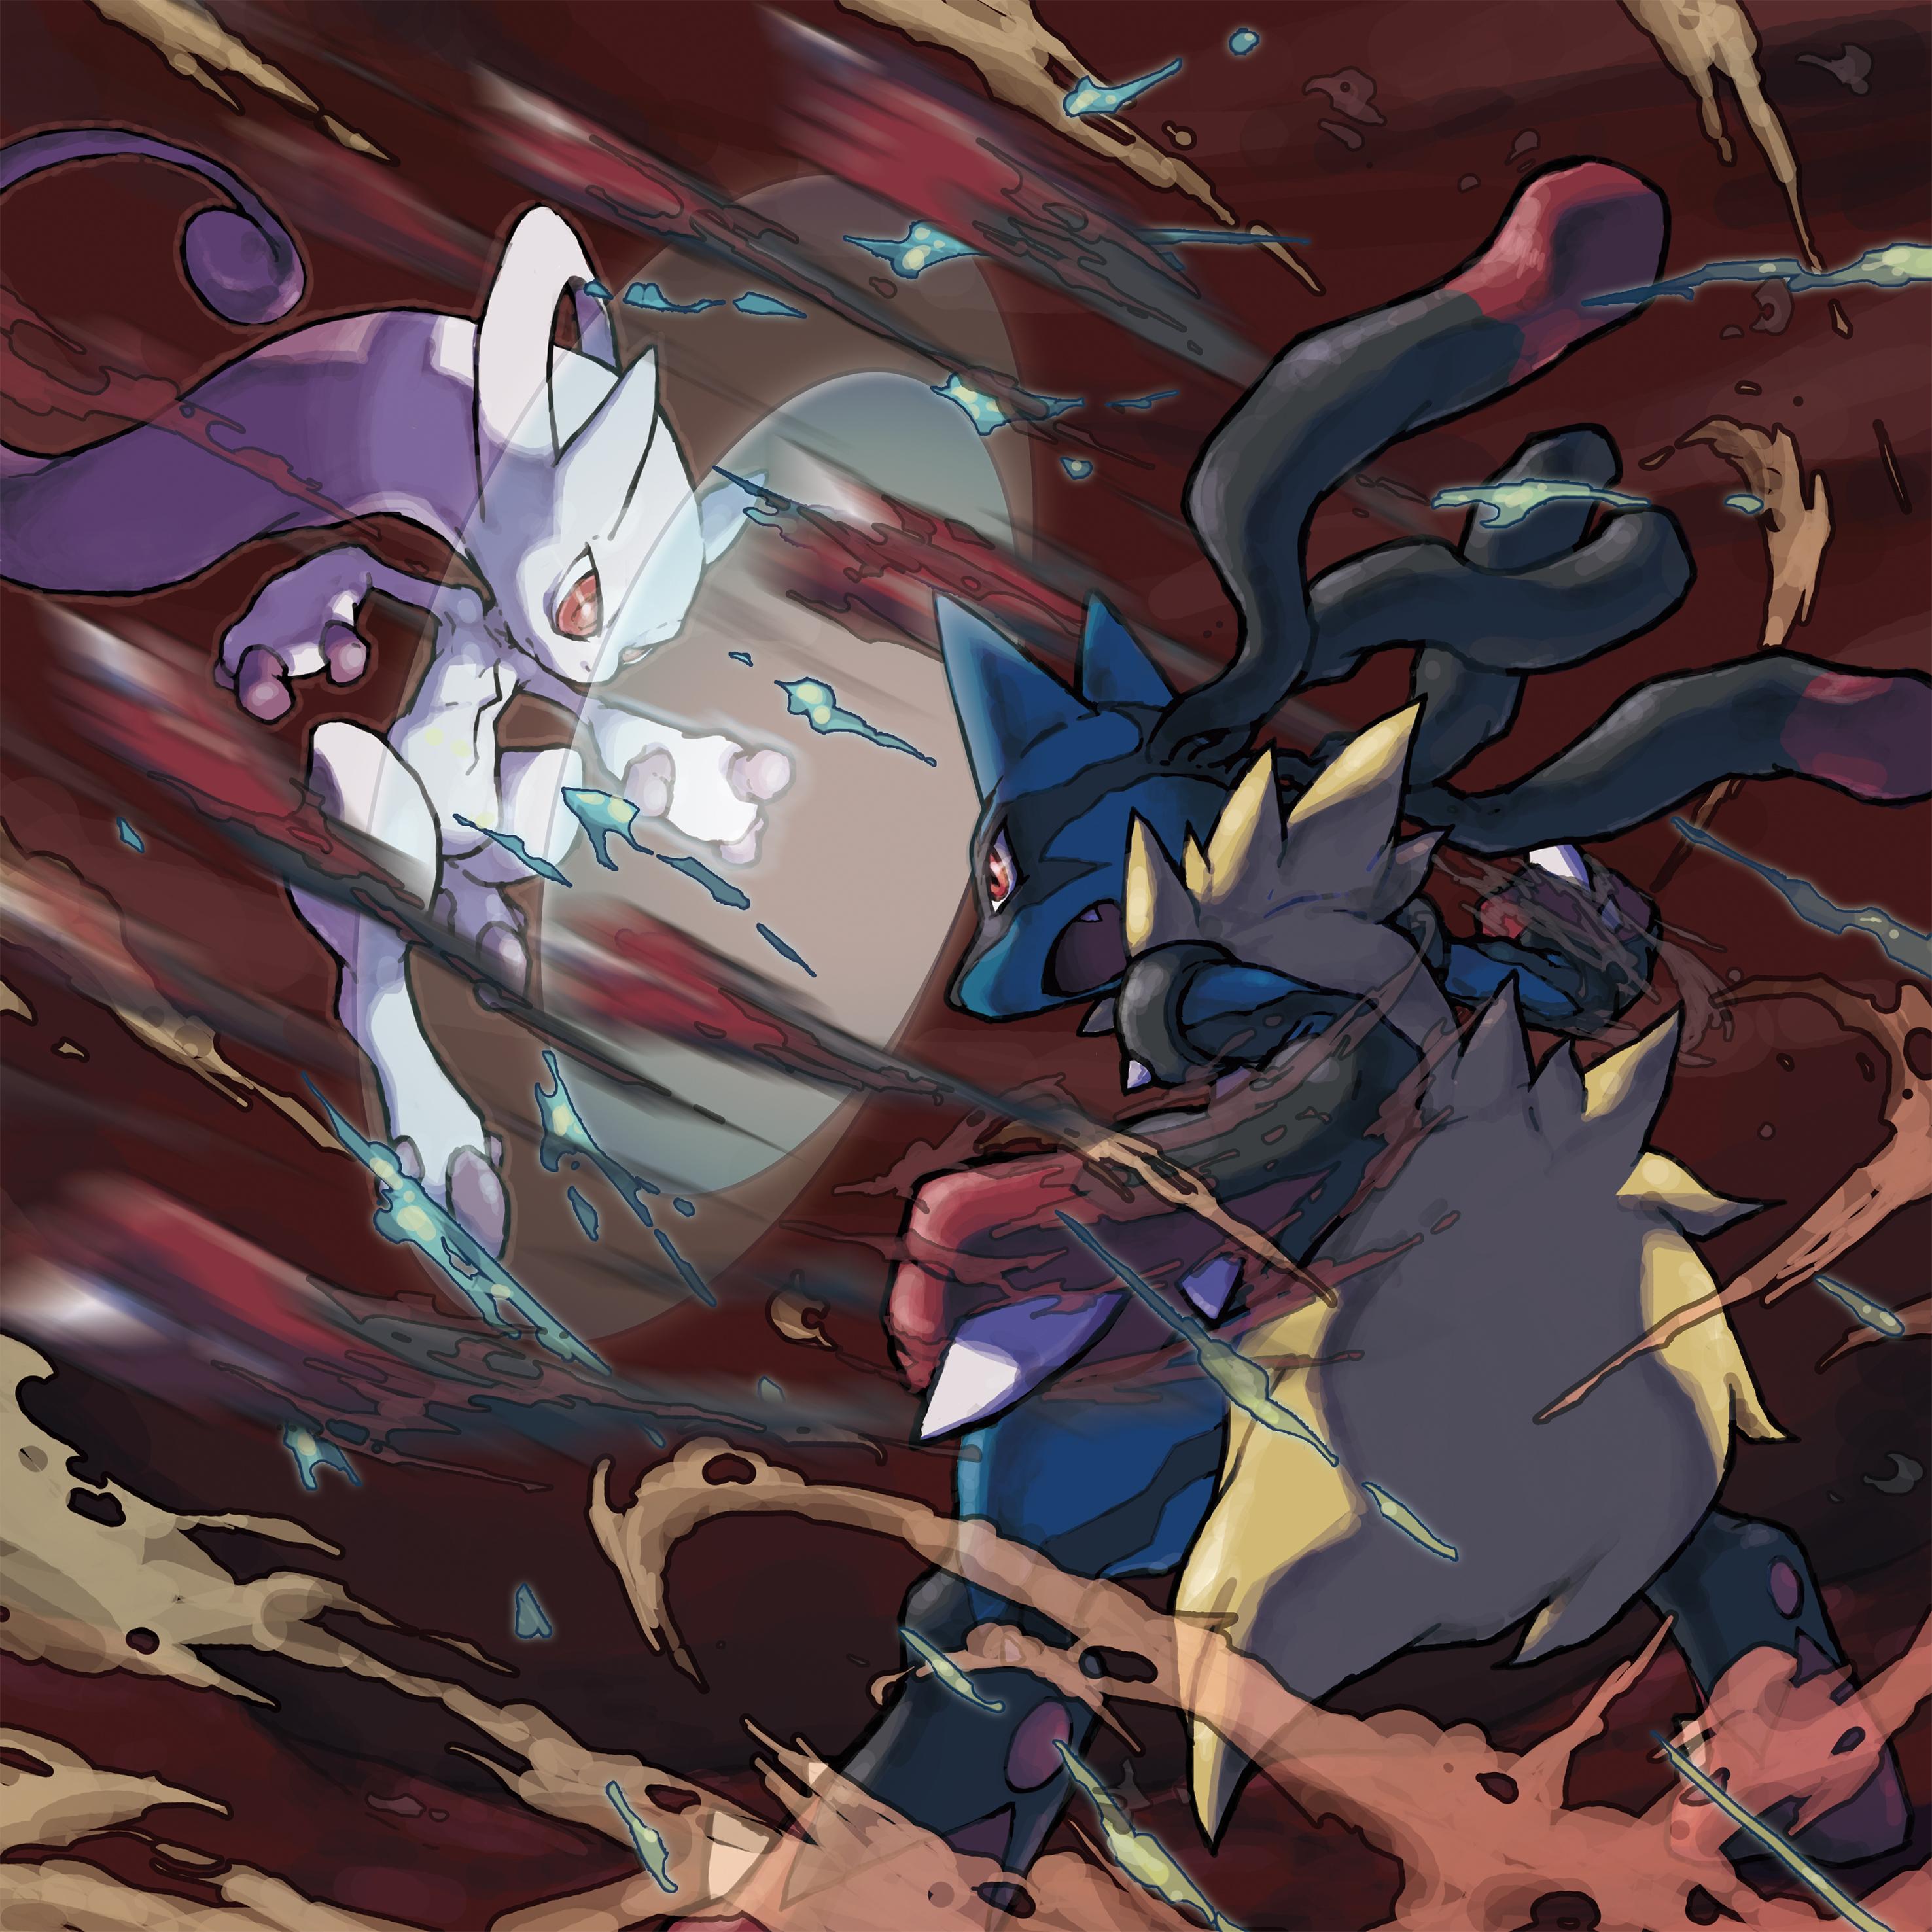 Die Mega-Entwicklung in Pokémon X und Pokémon Y wird Pokémon verän